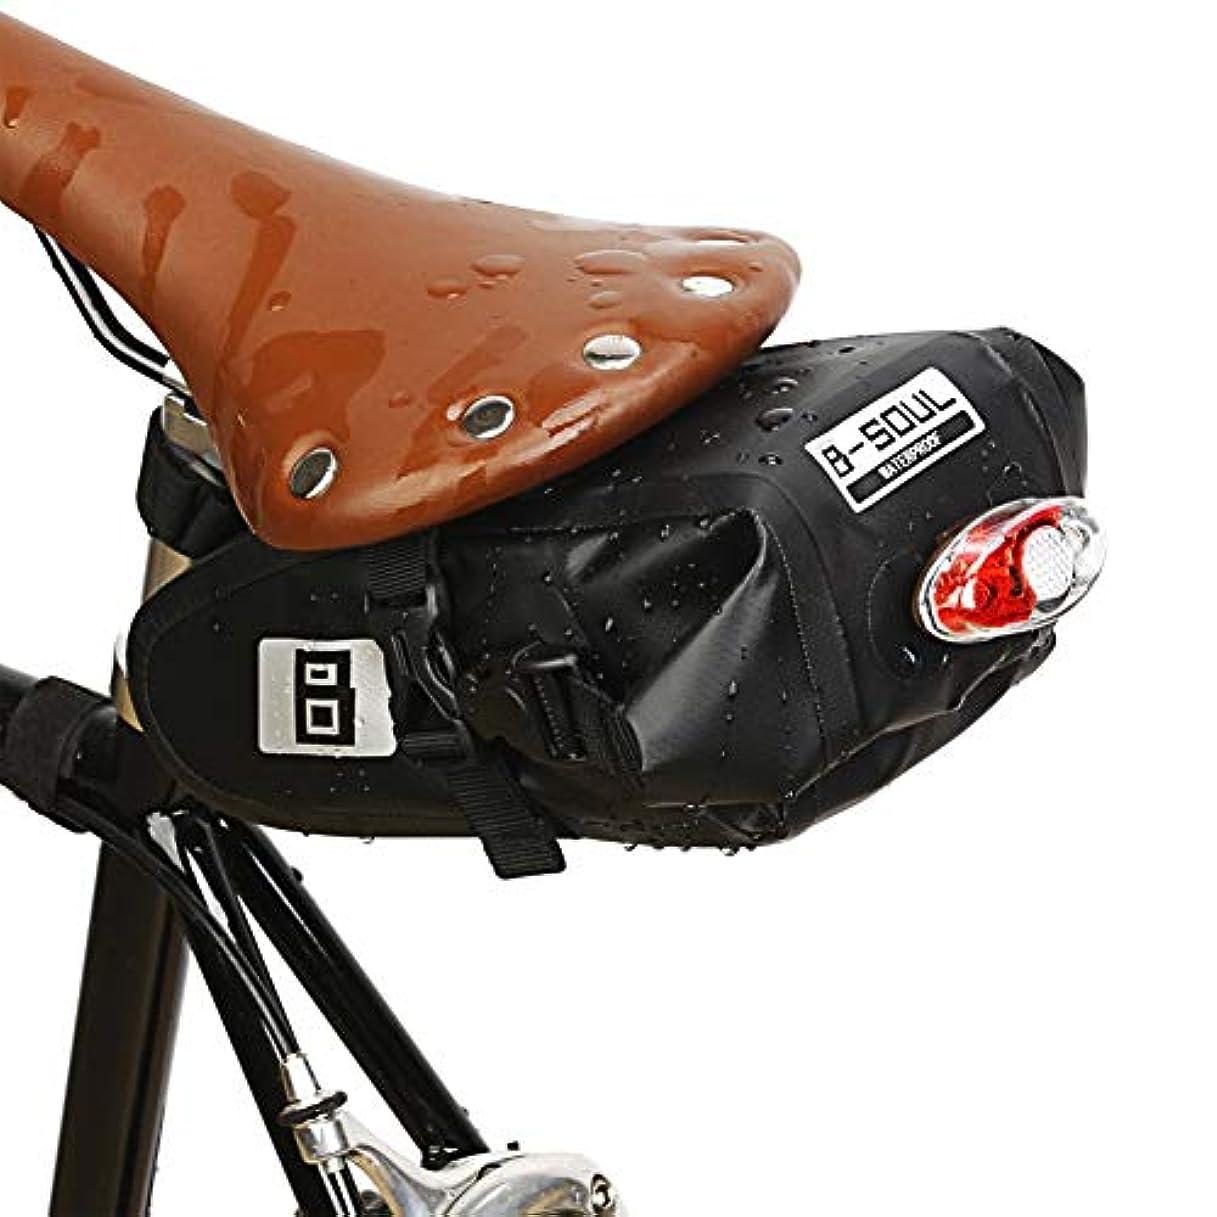 アウトドアペネロペゲートOchine 防水自転車サドルバッグ サイクリングシートバッグ MTBロード自転車 電話ホルダー修理ツールバッグ サイクリングテールリアポーチ 23*10*8 .5cm